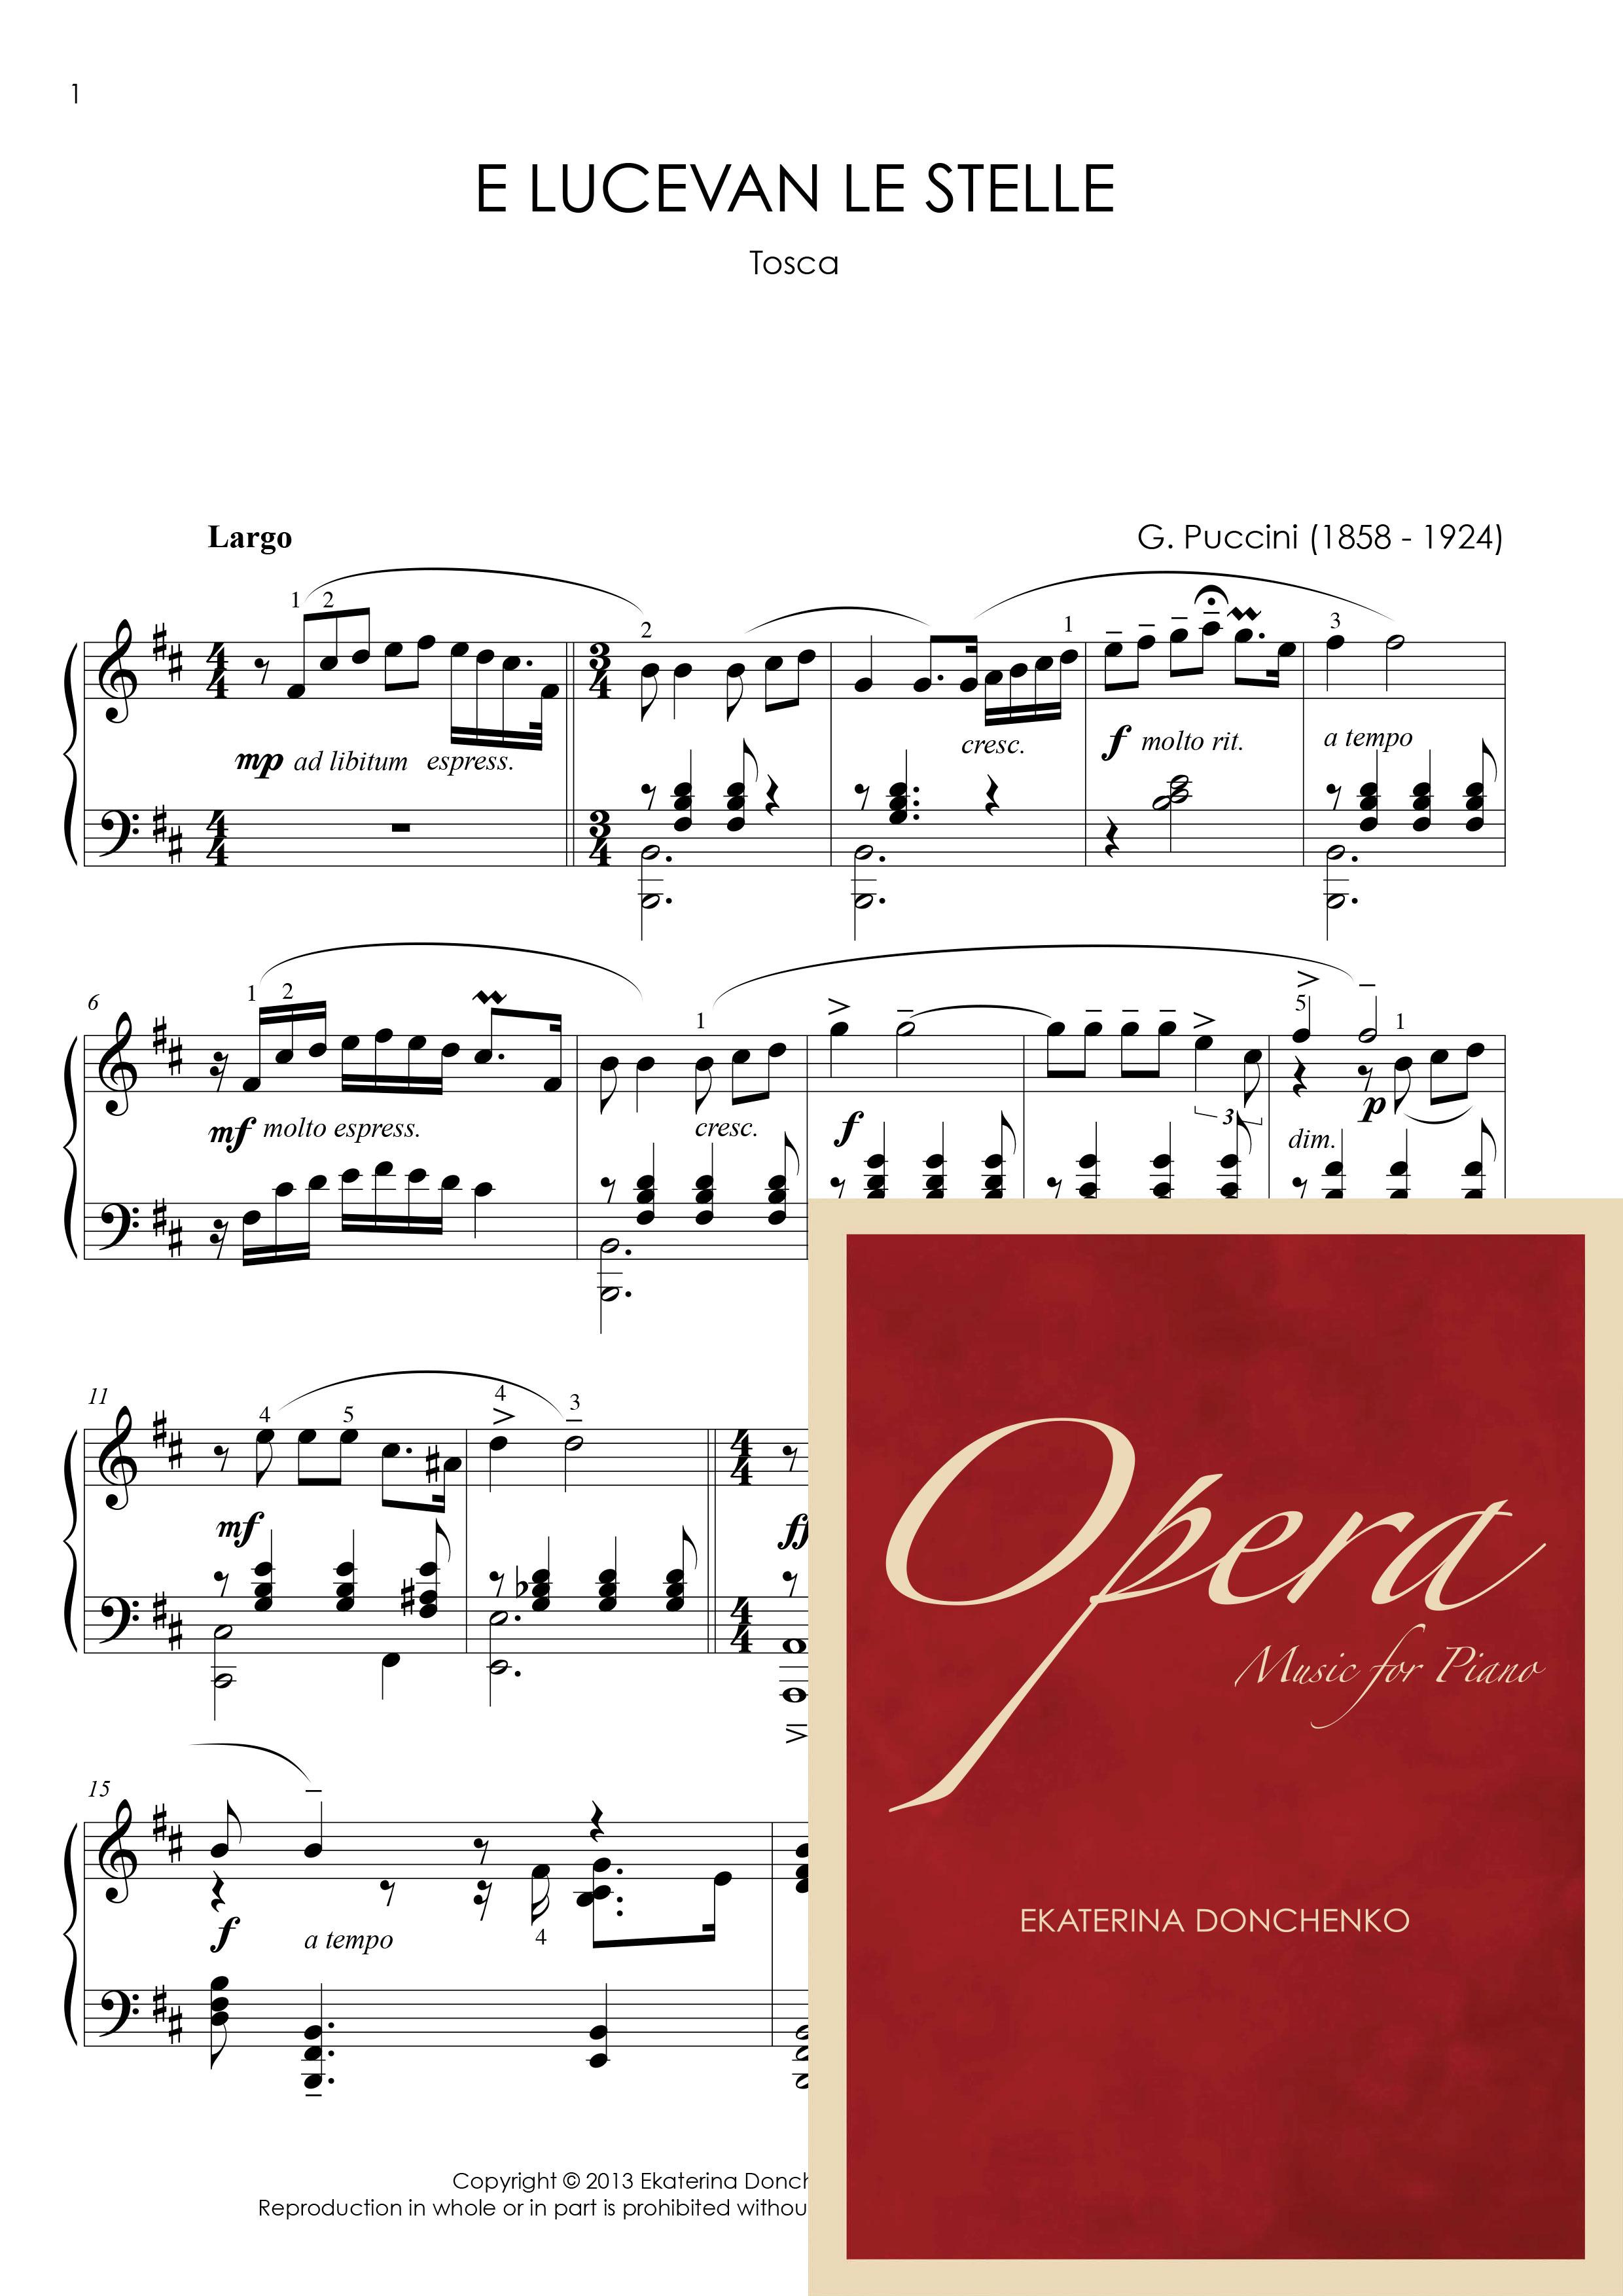 e lucevan le stelle sheet music pdf